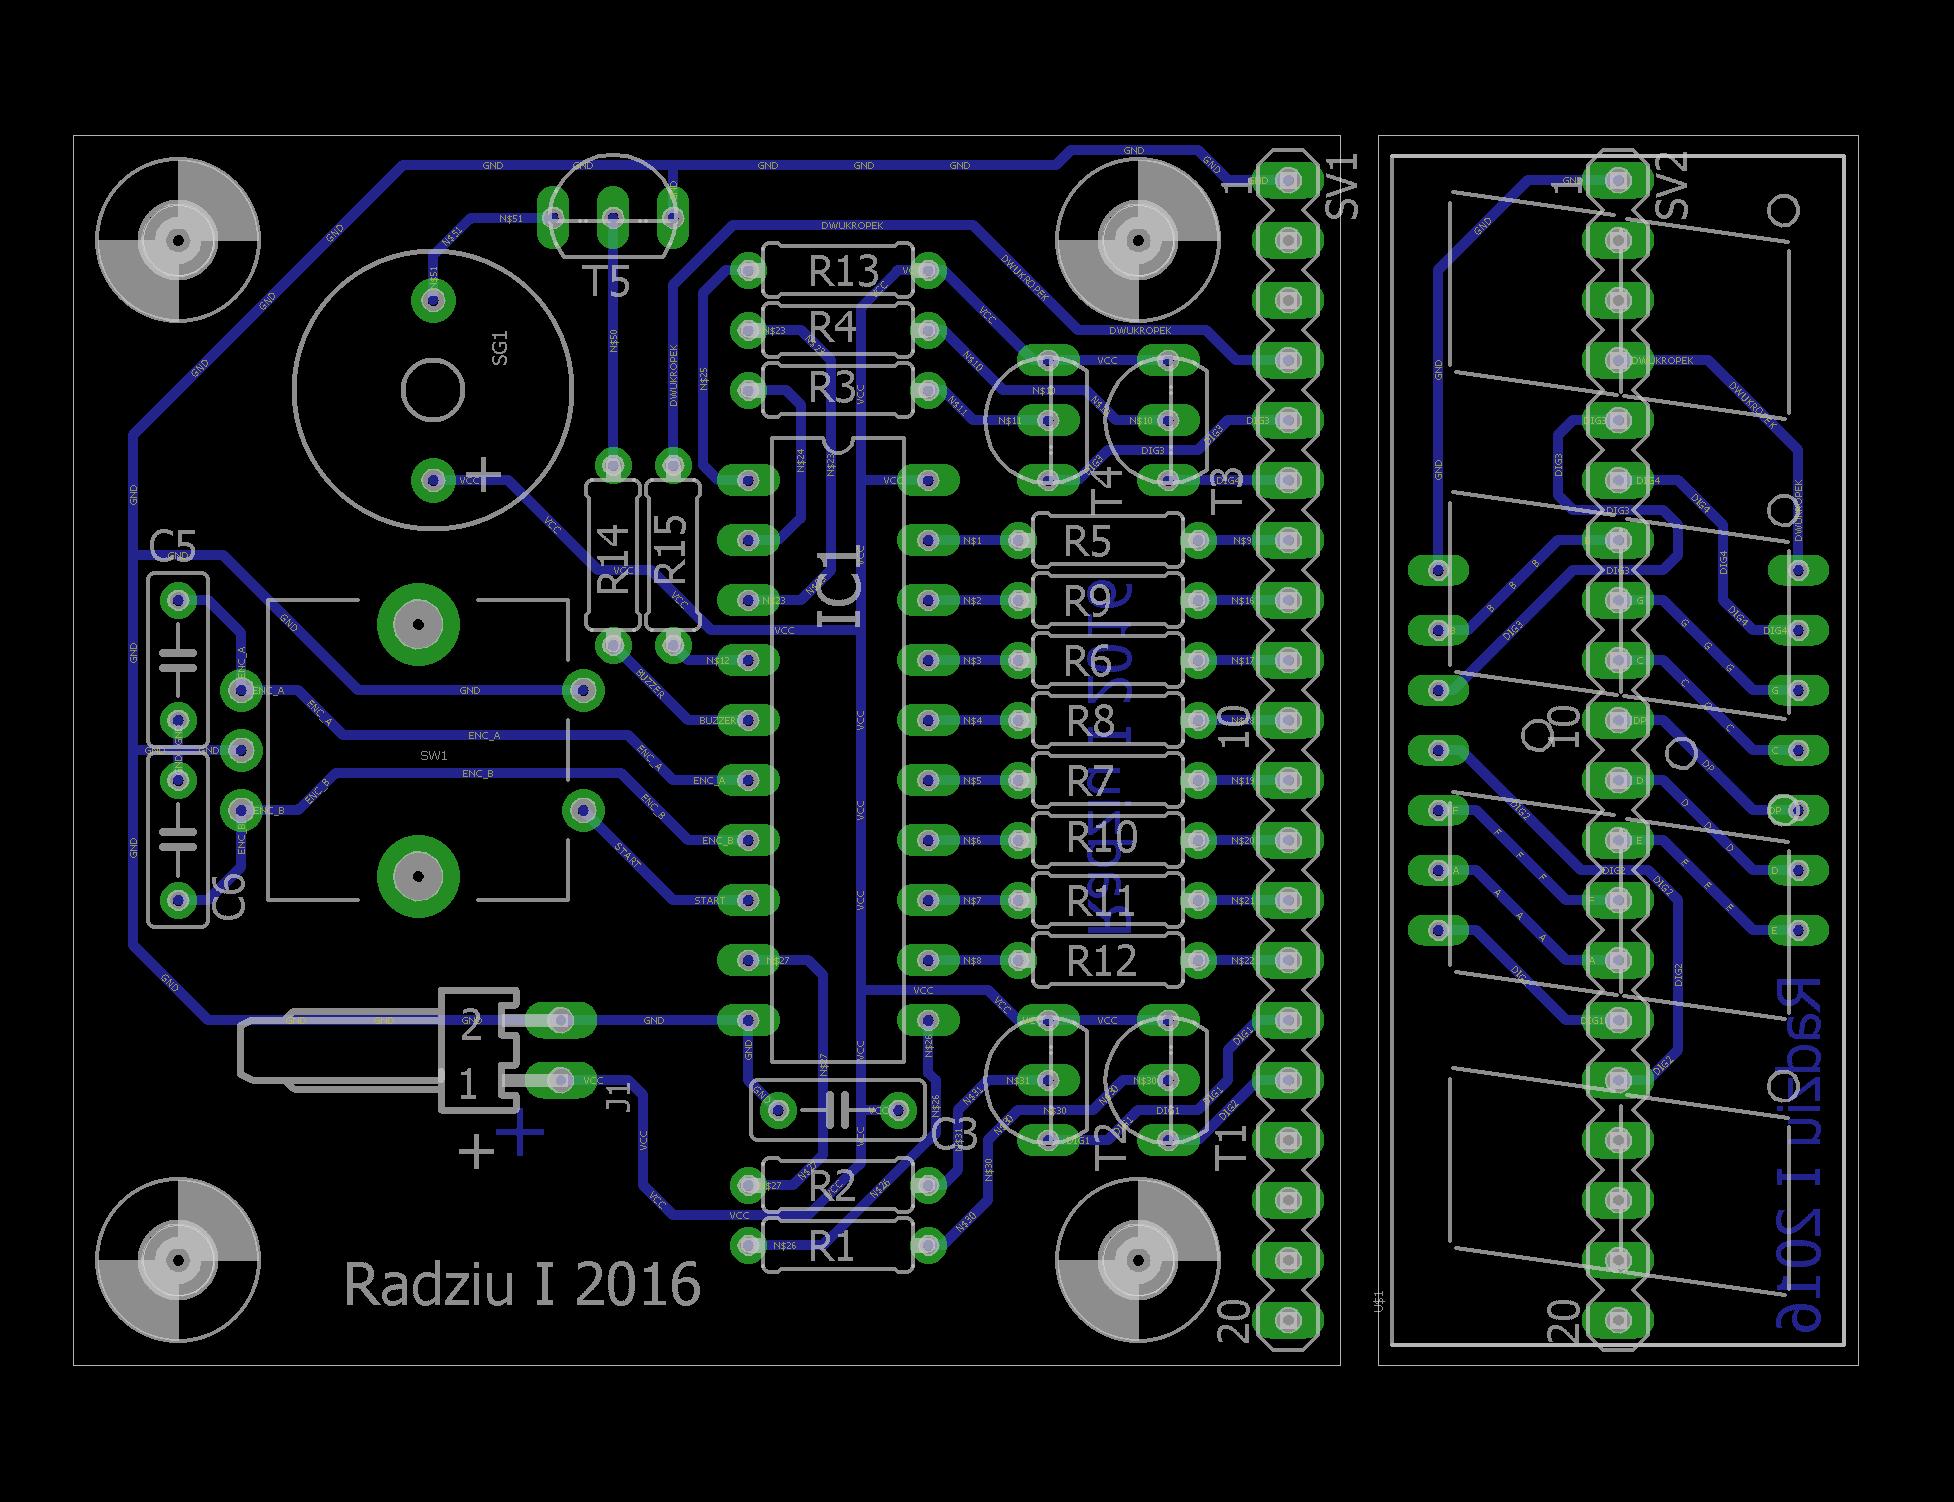 Очень удобный таймер обратного отсчёта с цифровым дисплеем LED